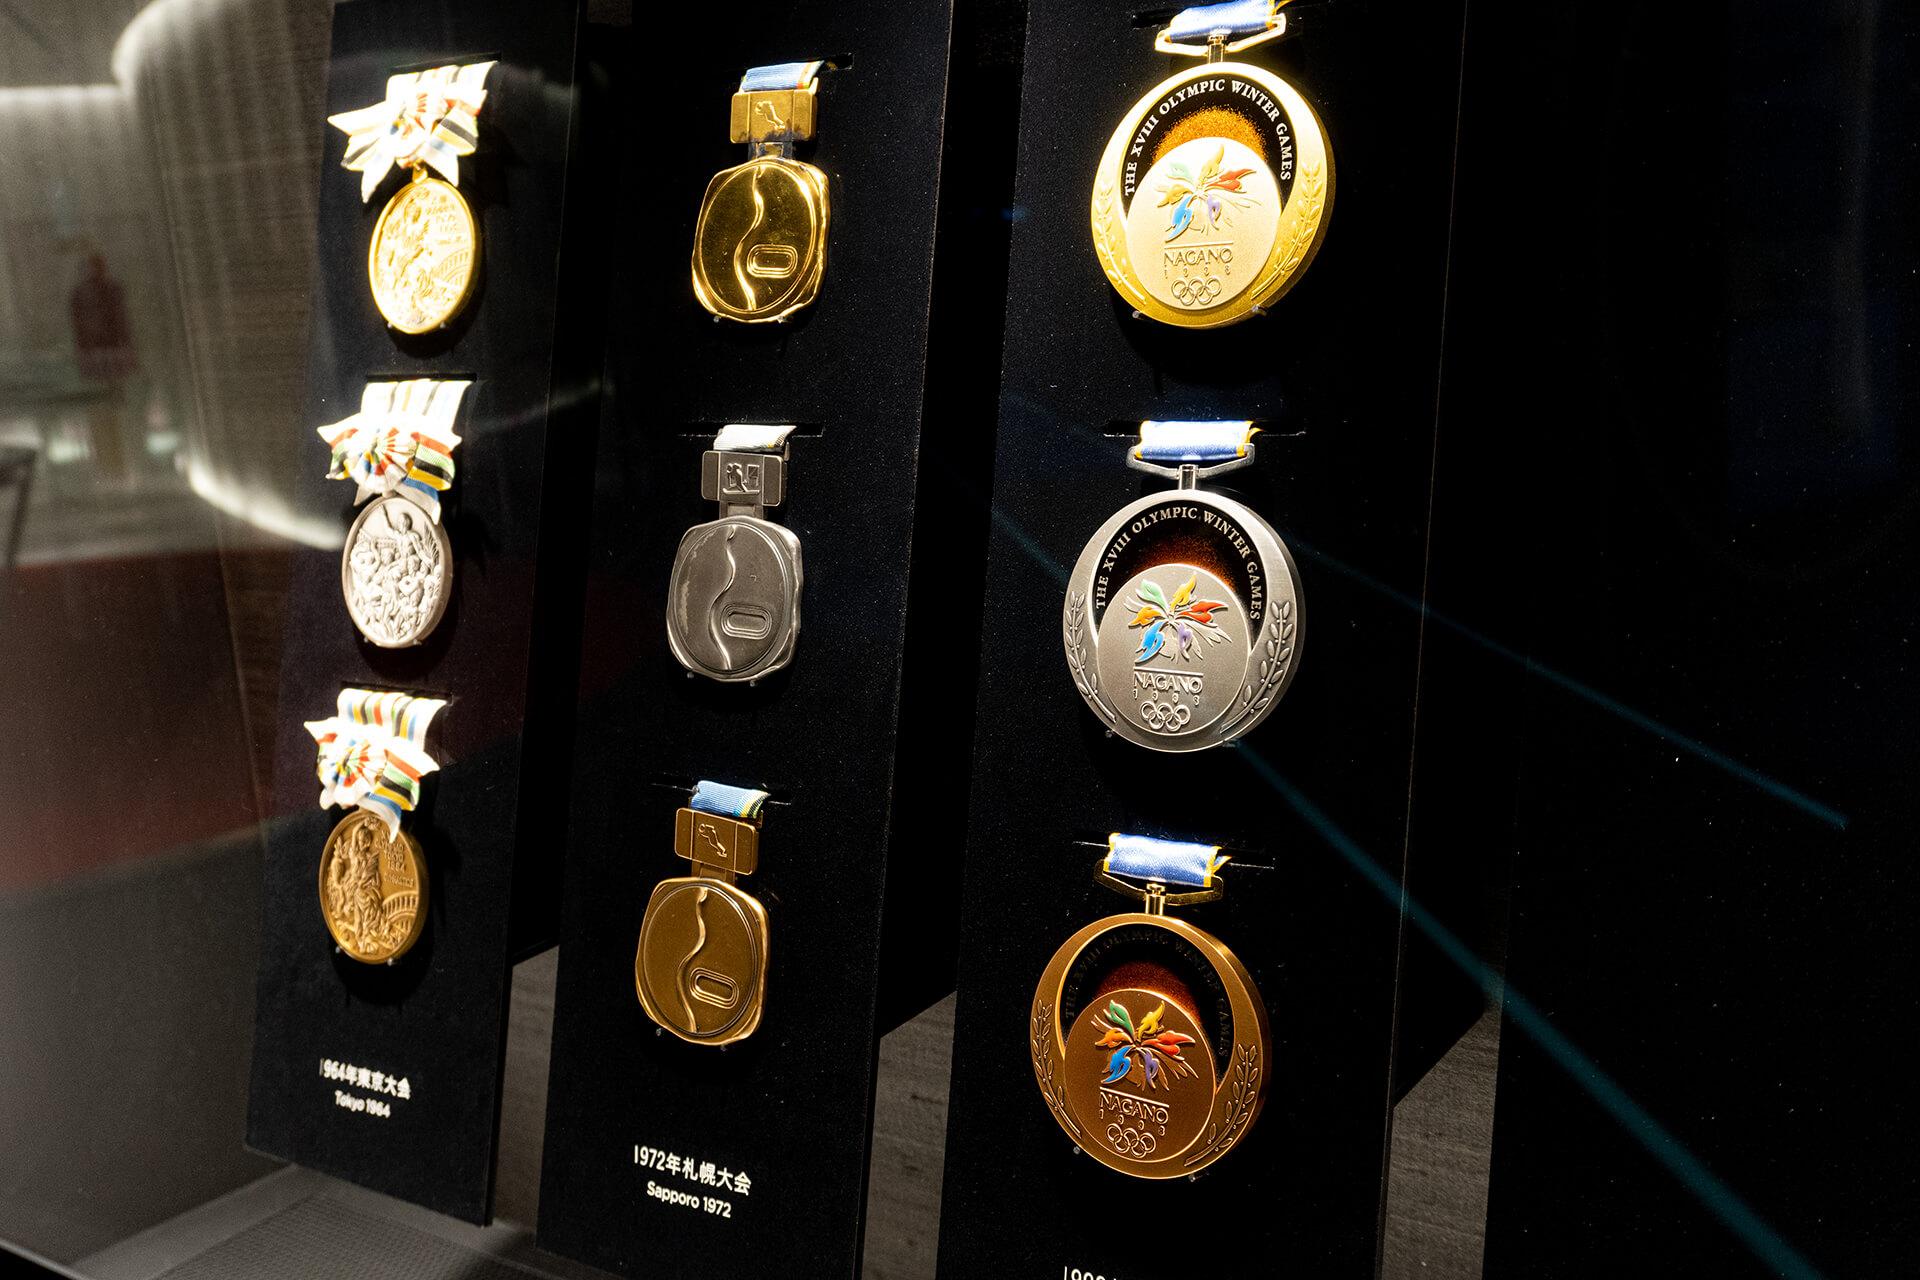 日本オリンピックミュージアム・展示物